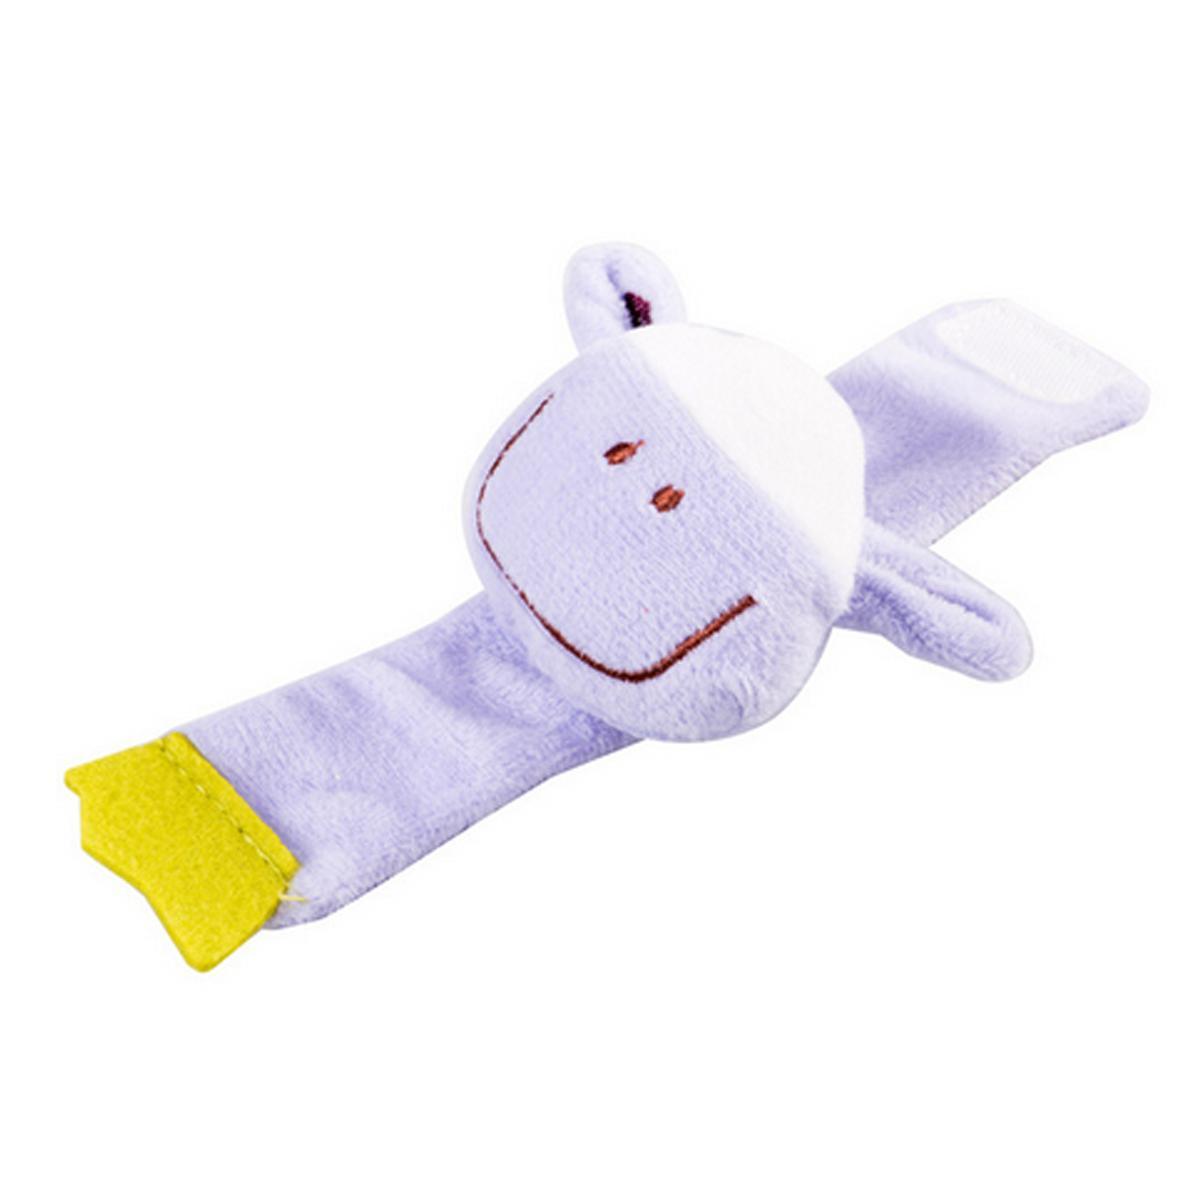 Suave linda animales Sonajeros Juguetes para niños del niño del bebé de la felpa de la muñeca del bebé confunde el juguete de muñeca de la mano abeja 2019